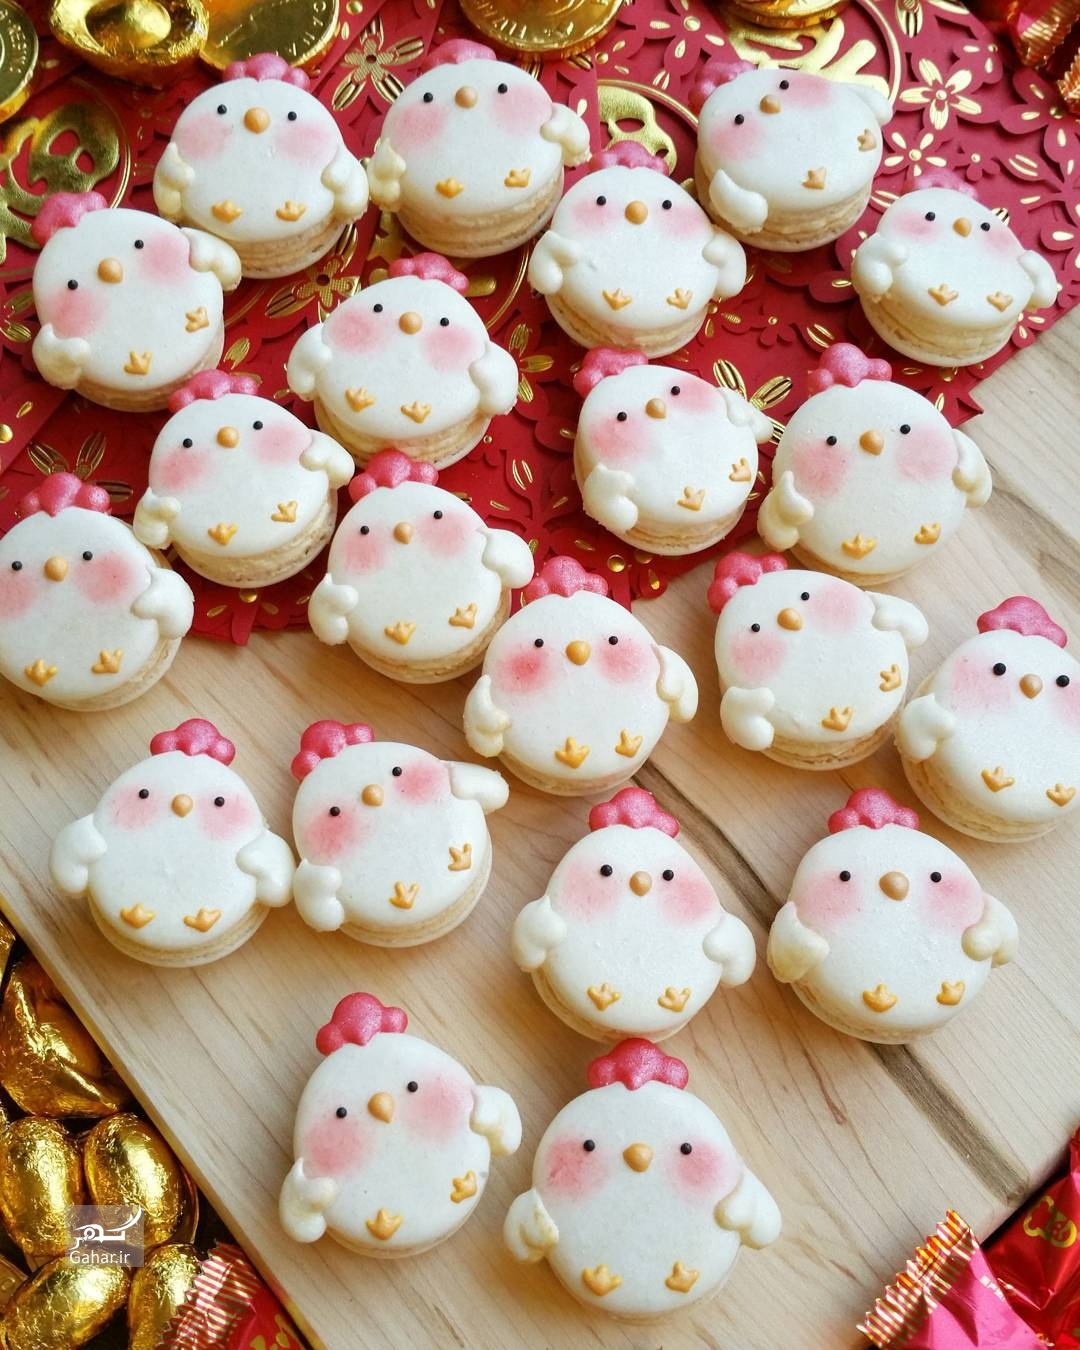 1486793373 تزئین شیرینی ماکارون به شکل های جالب ؛ عکس